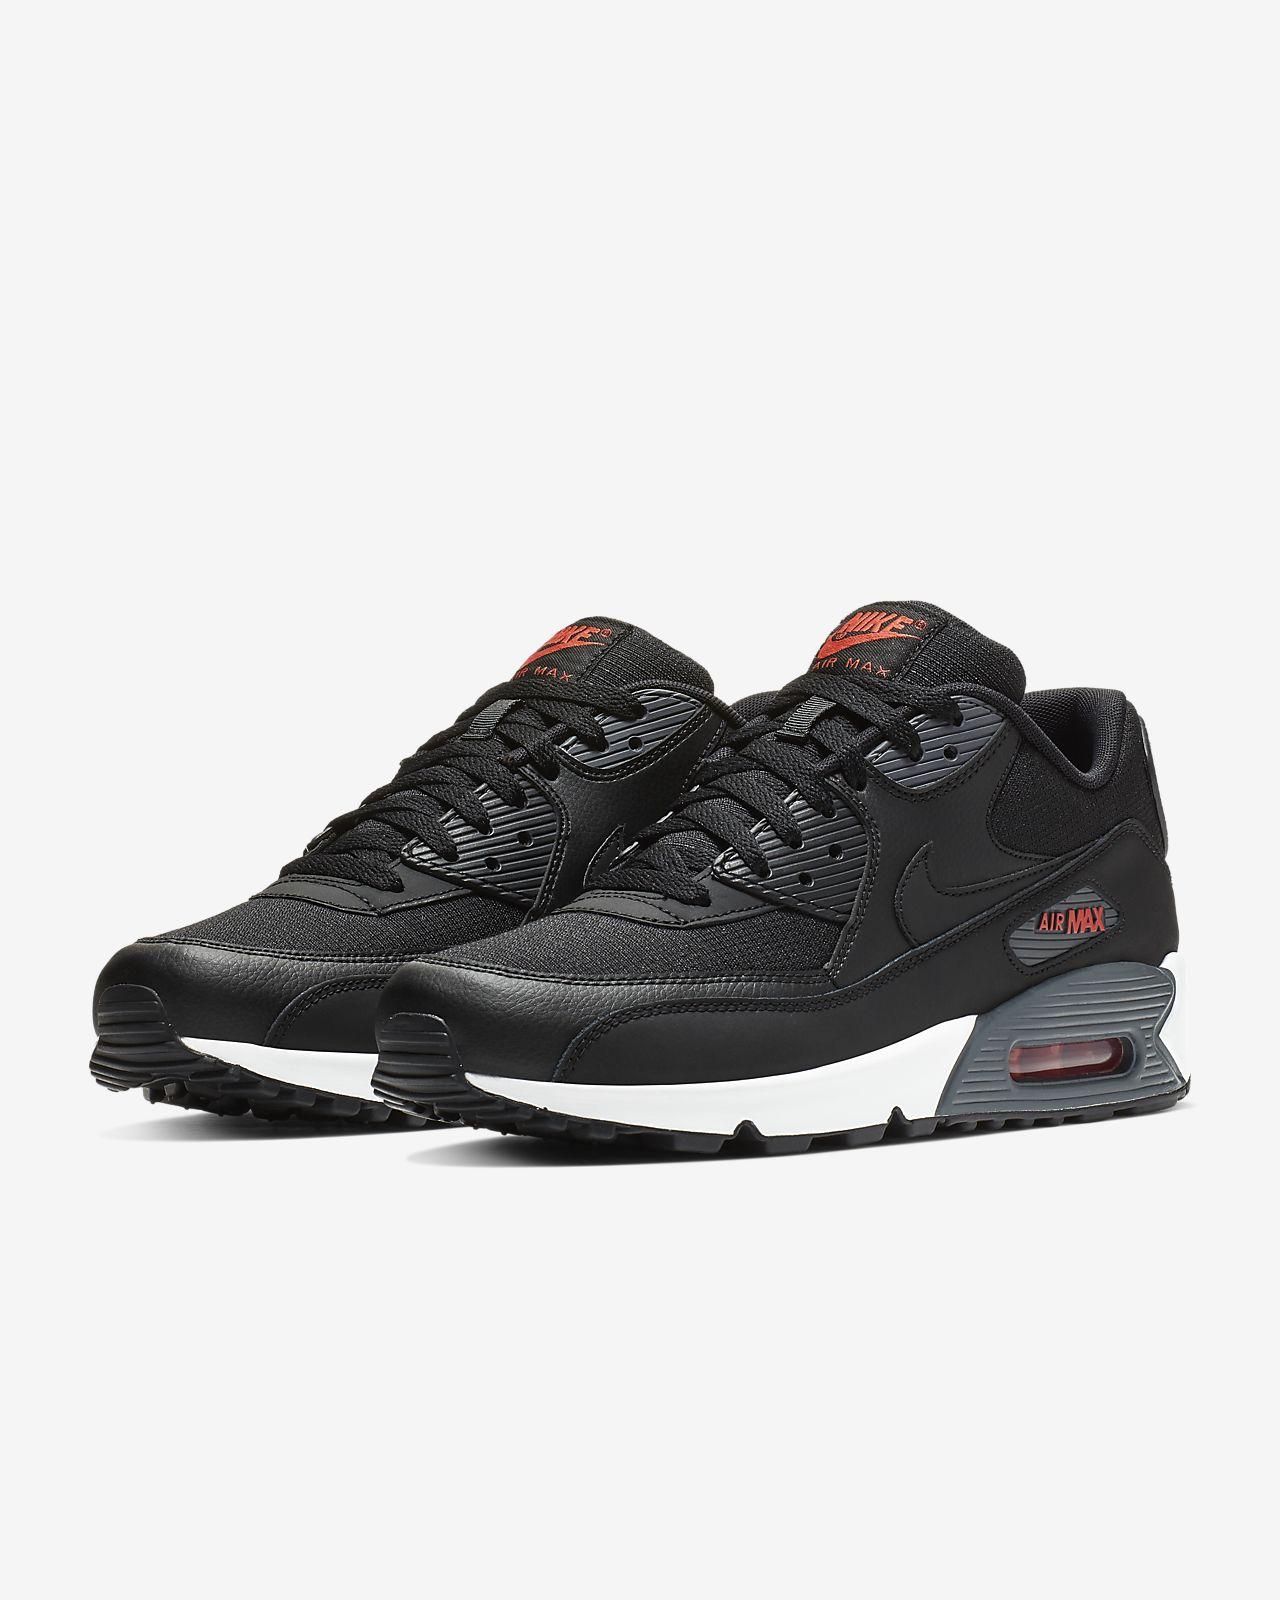 online store d2996 a9931 ... Nike Air Max 90 SE-sko til mænd